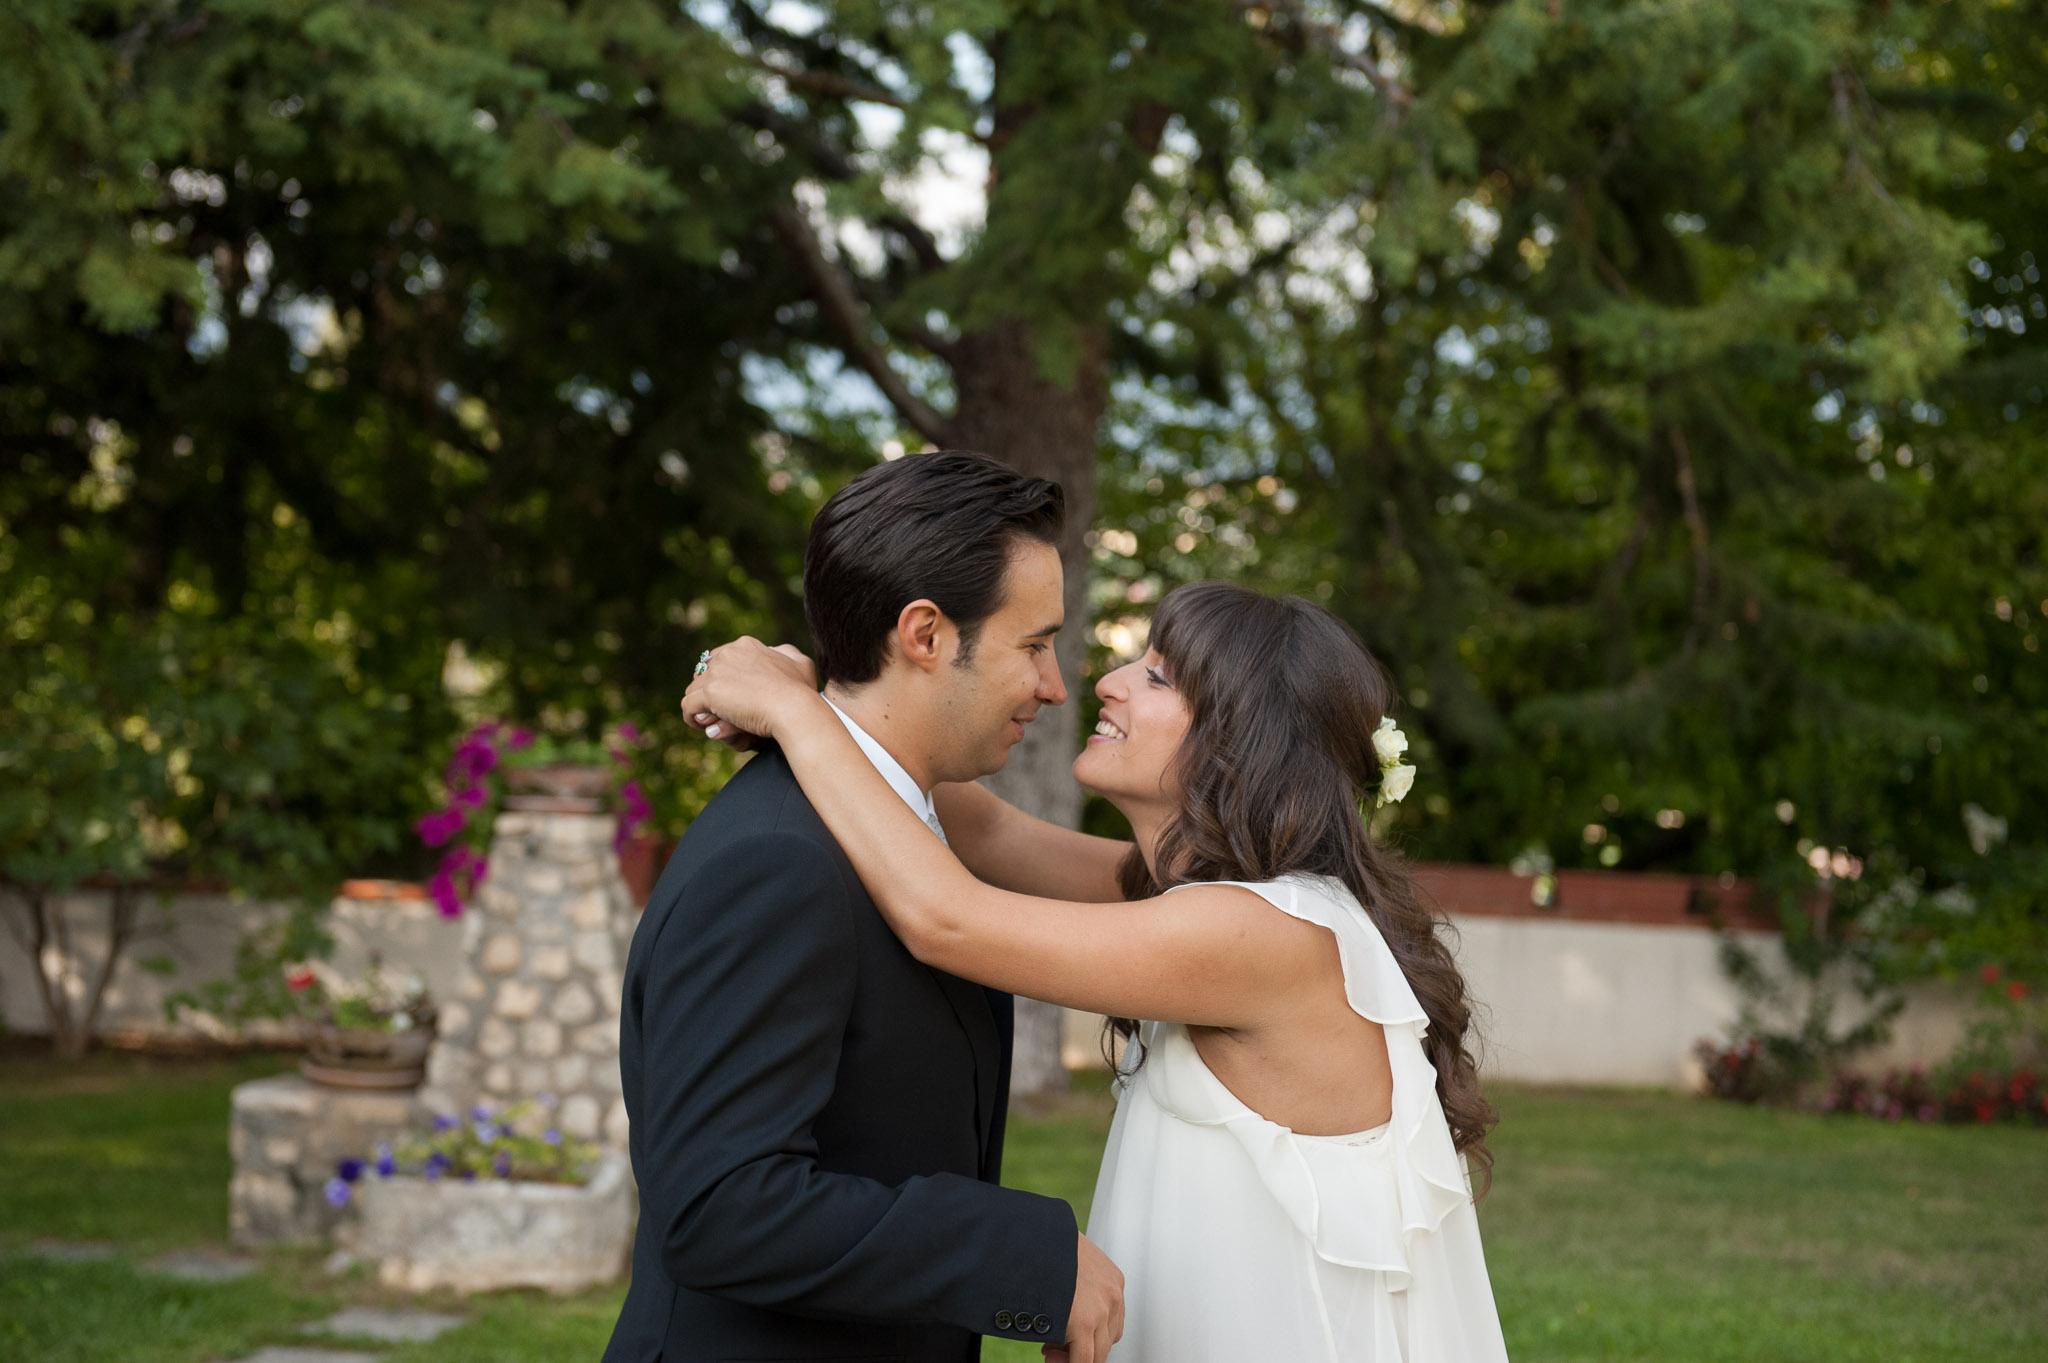 boda en italia_pablosalgado__PSB5865.jpg